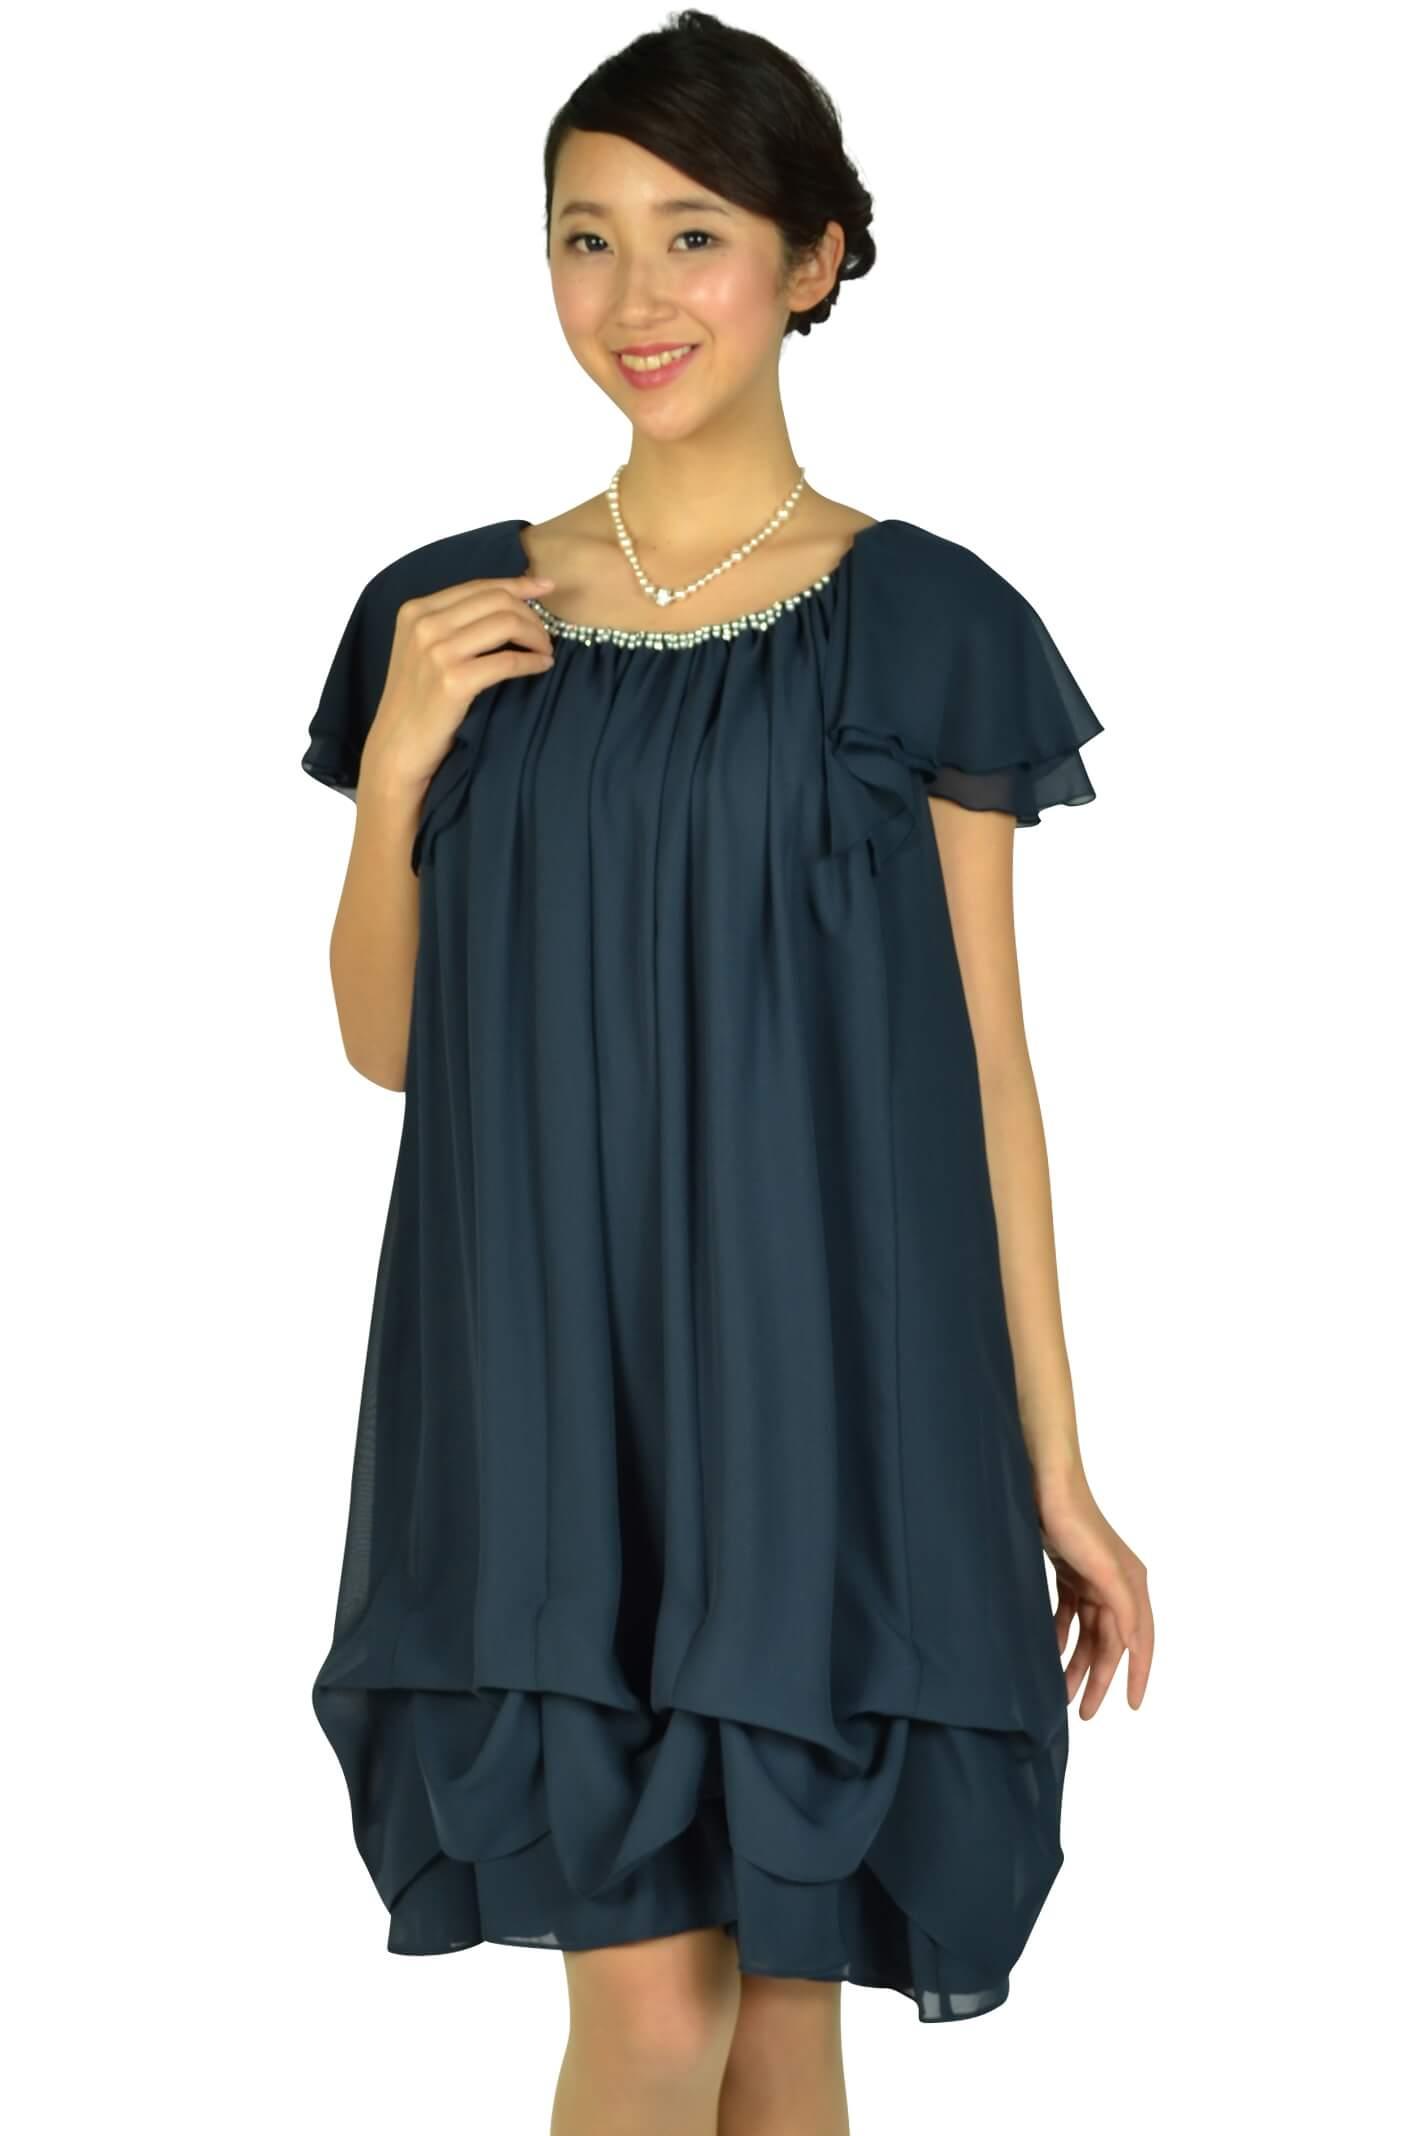 デリセノアール(DELLISE NOIR)ゆったりAラインネイビードレス